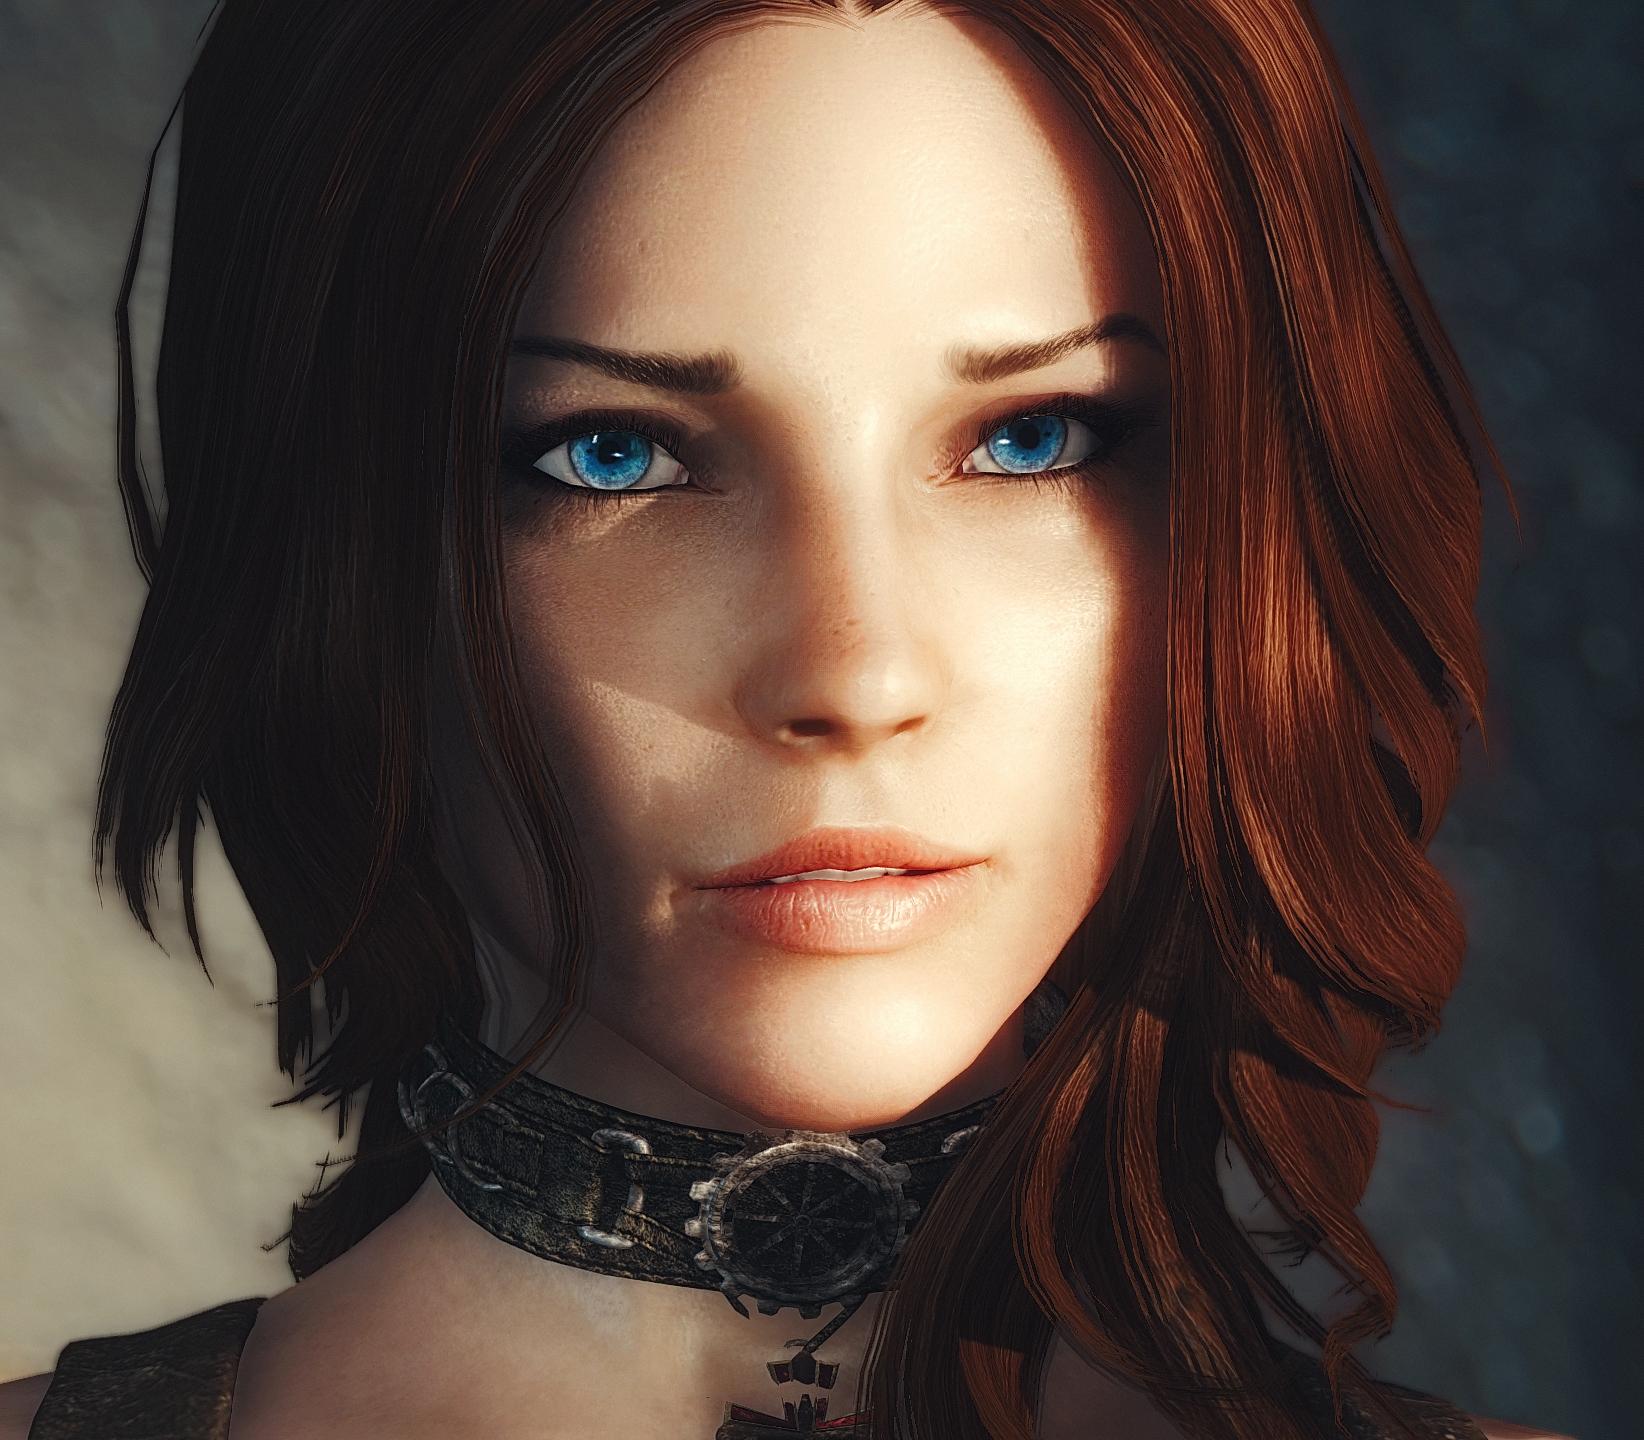 Masaüstü Uzun Saç Siyah Saç Enb Kız Güzellik Göz Dudak